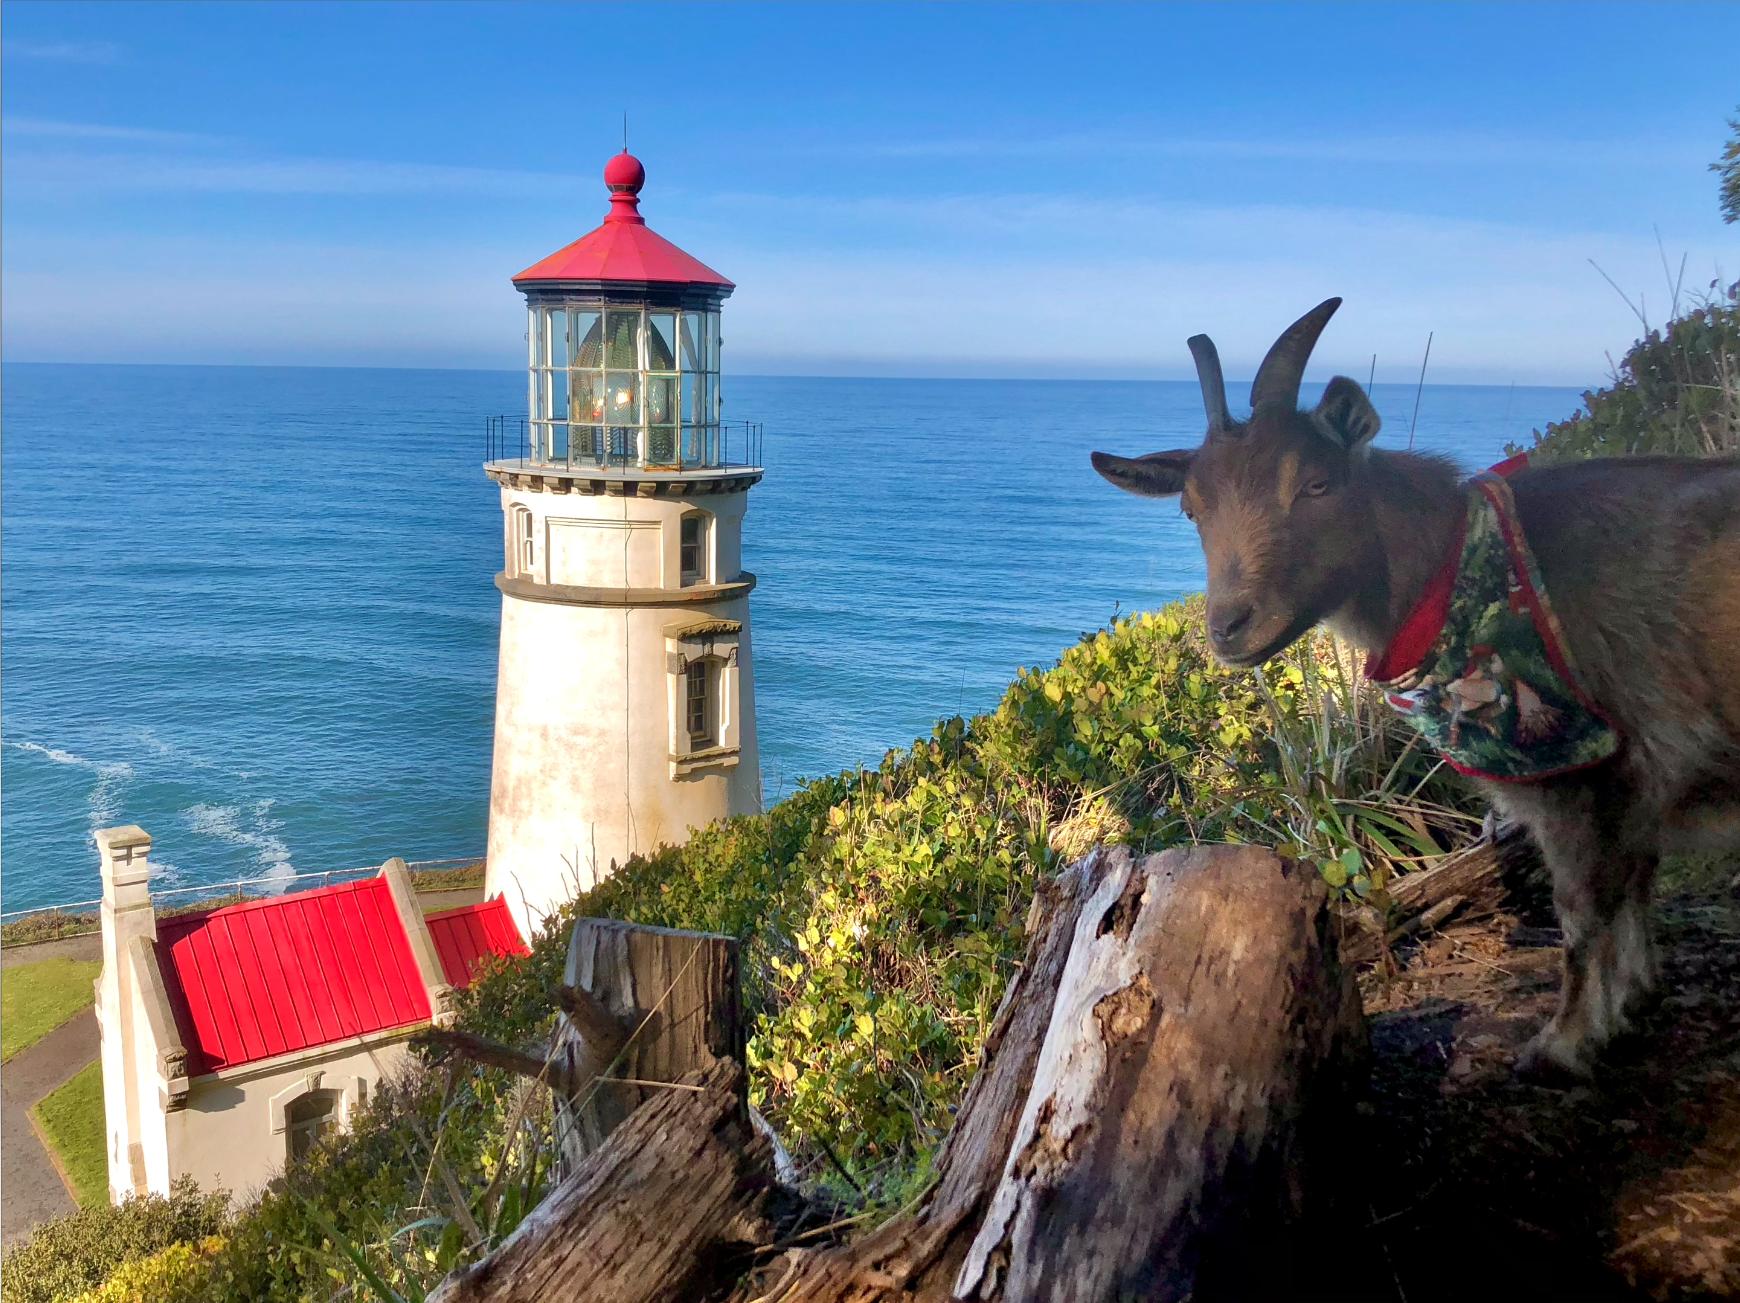 Lighthouse against a clear ocean coast.